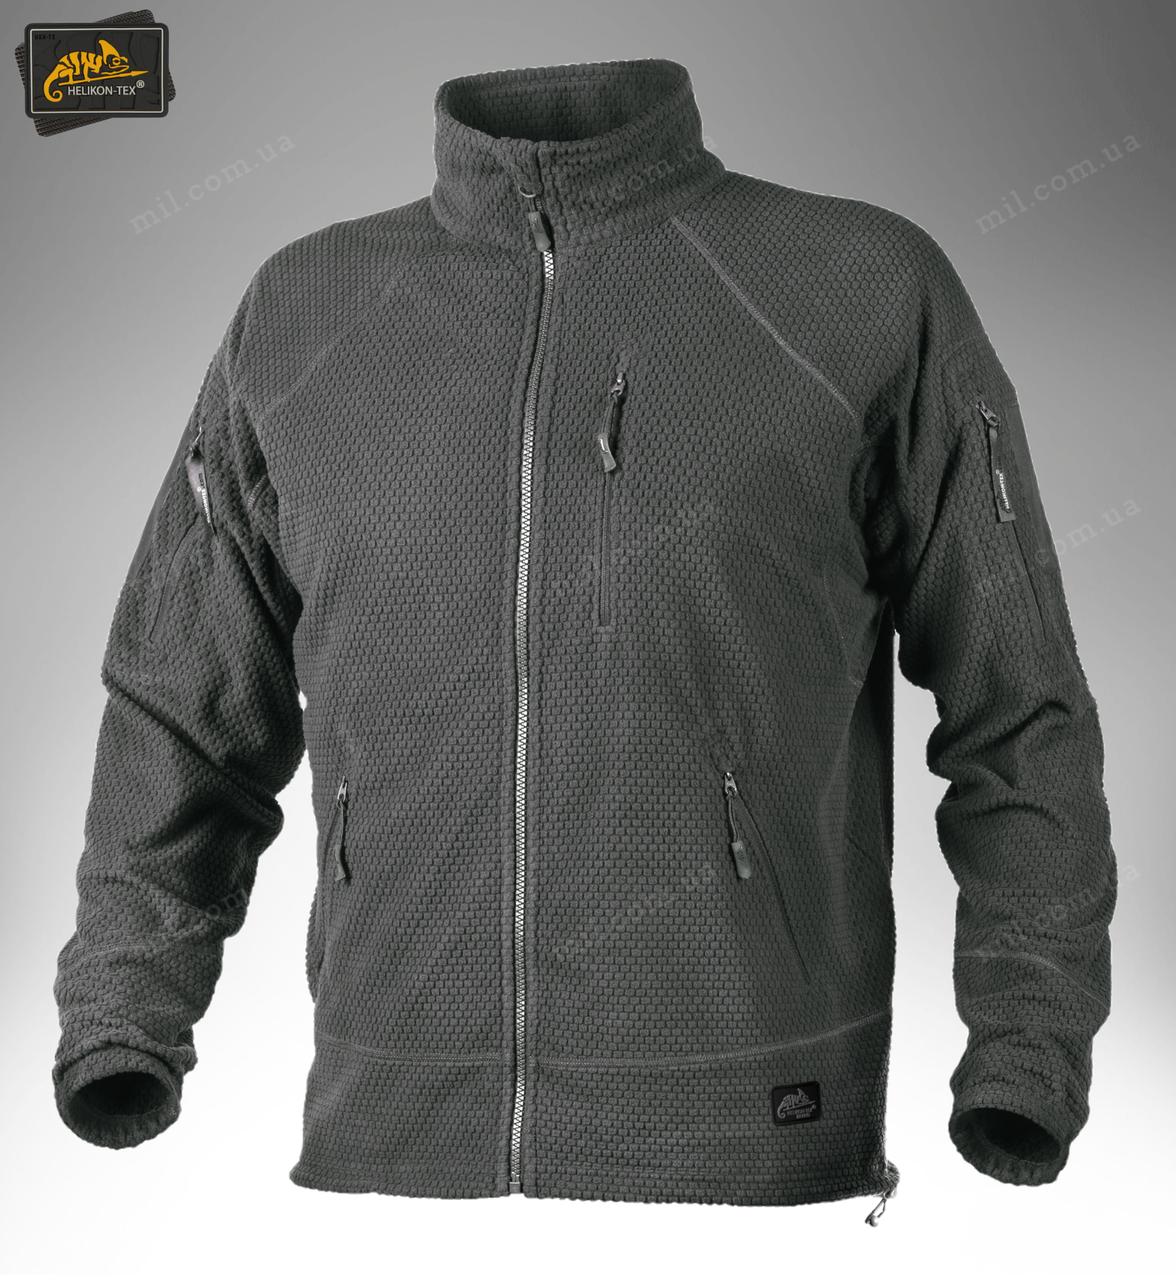 Тактическая флисовая куртка/ кофта Helikon-Tex® ALPHA TACTICAL fleece (серый)